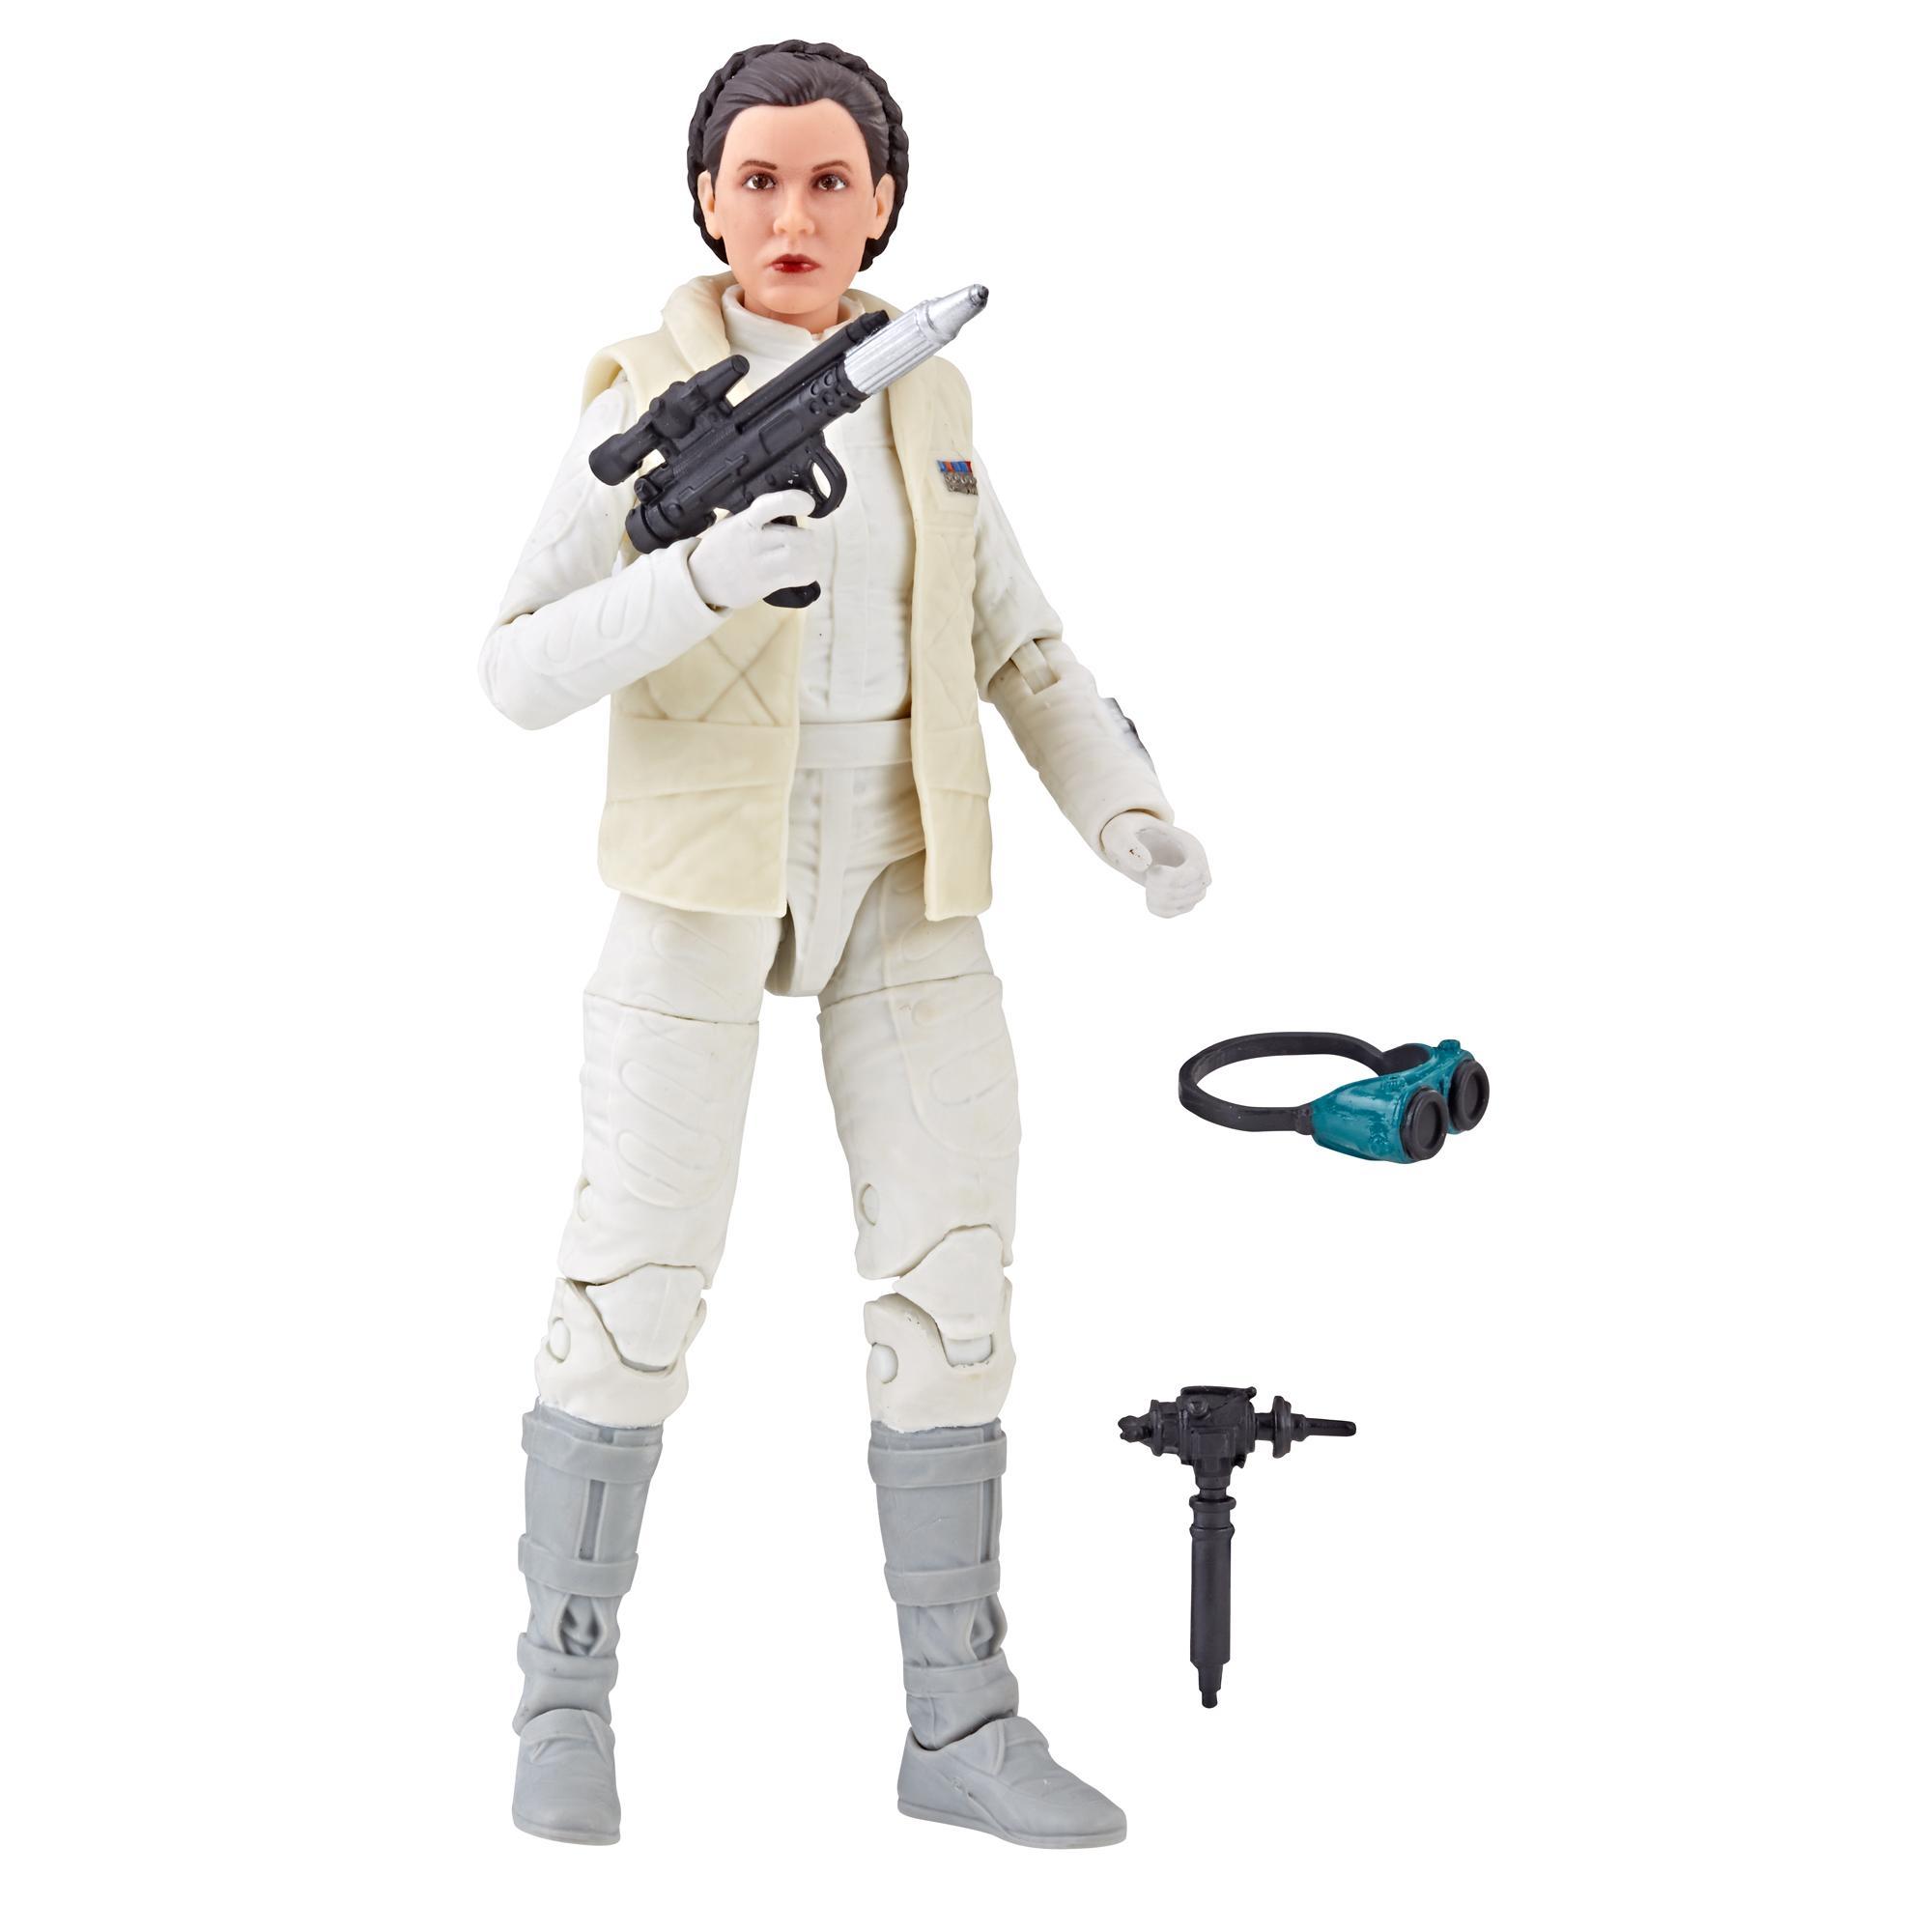 Star Wars Série noire - Figurine de la princesse Leia Organa (Hoth) de 15 cm